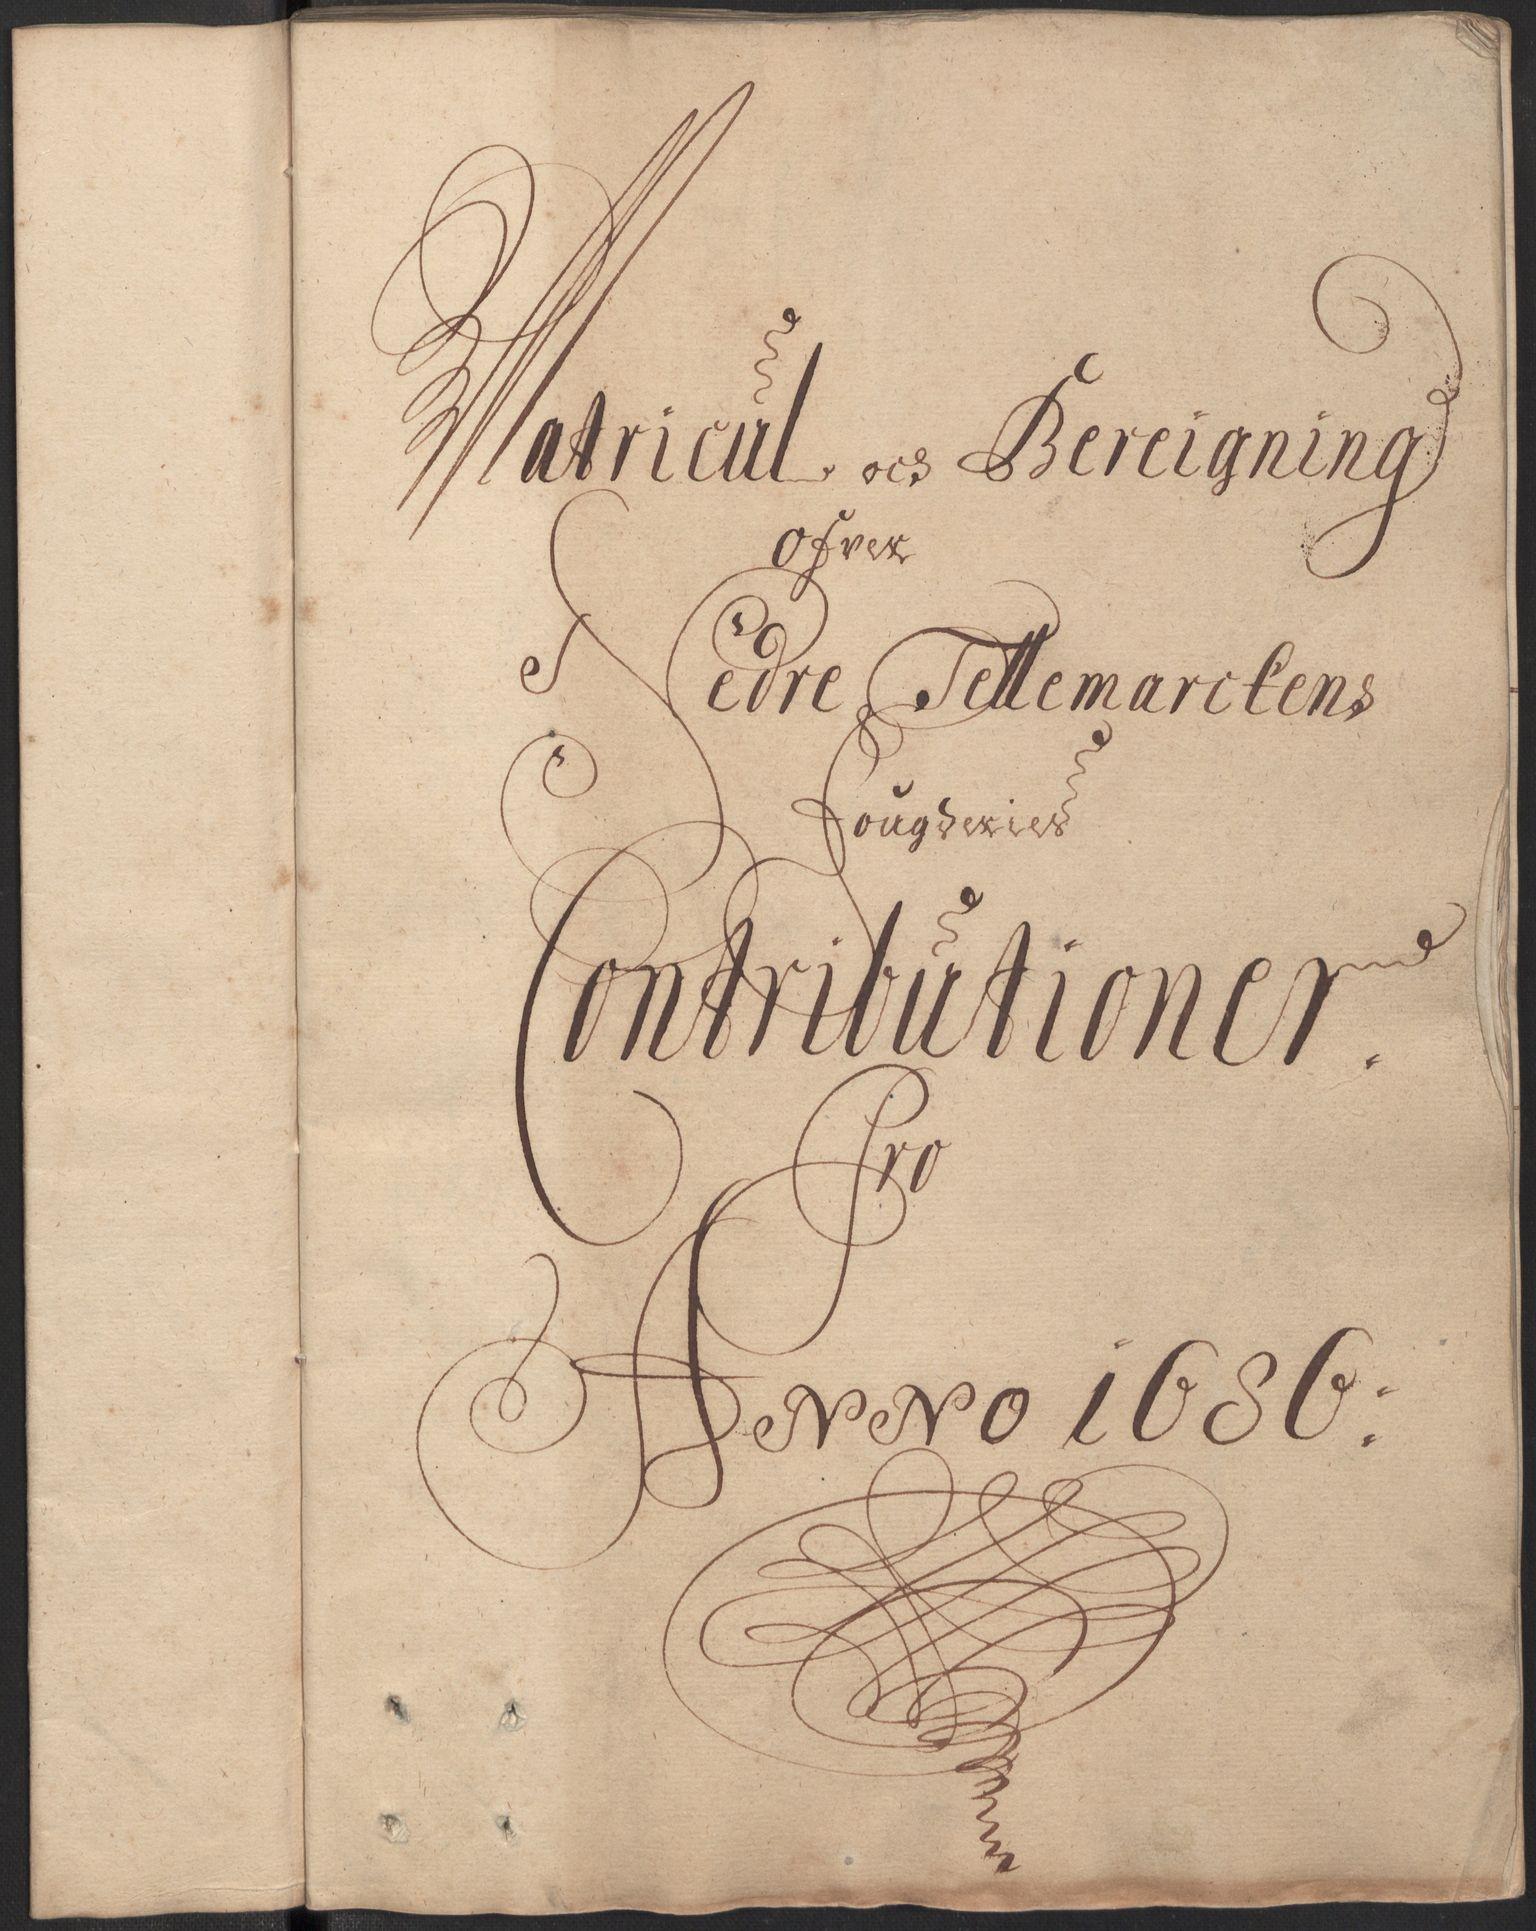 RA, Rentekammeret inntil 1814, Reviderte regnskaper, Fogderegnskap, R35/L2084: Fogderegnskap Øvre og Nedre Telemark, 1686, s. 154